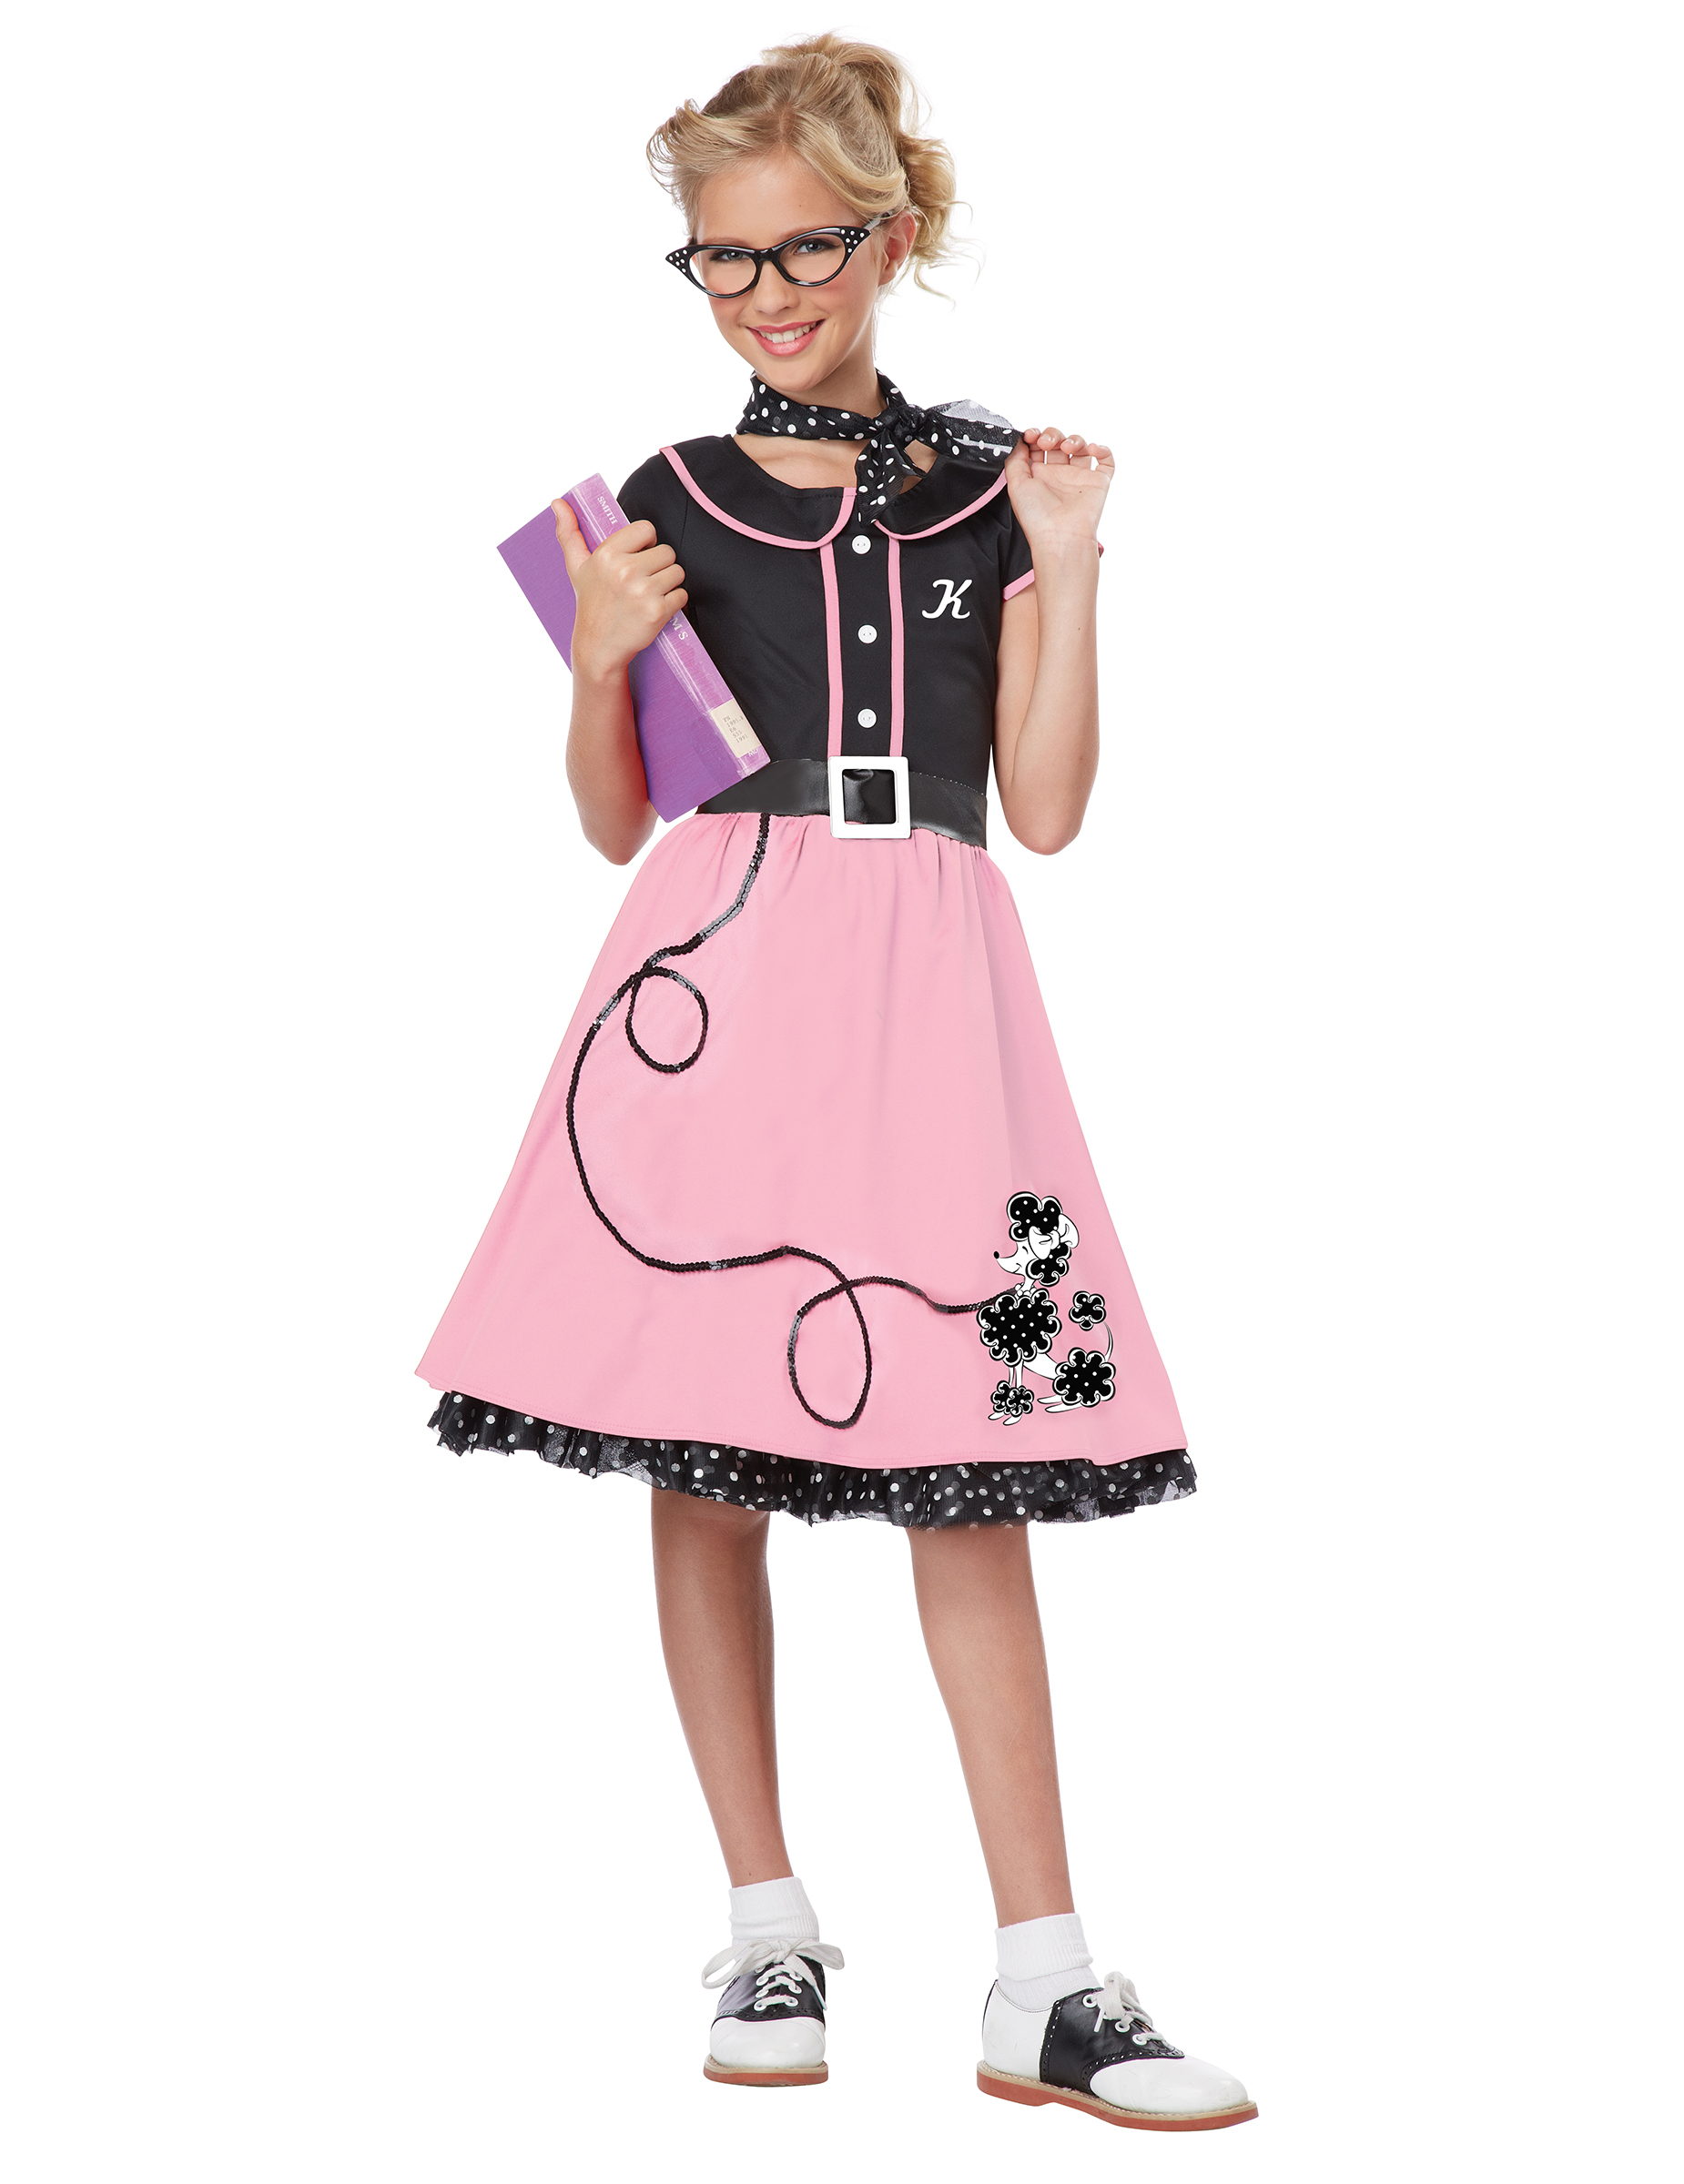 Disfraz años 50 niña: Disfraces niños,y disfraces originales baratos ...